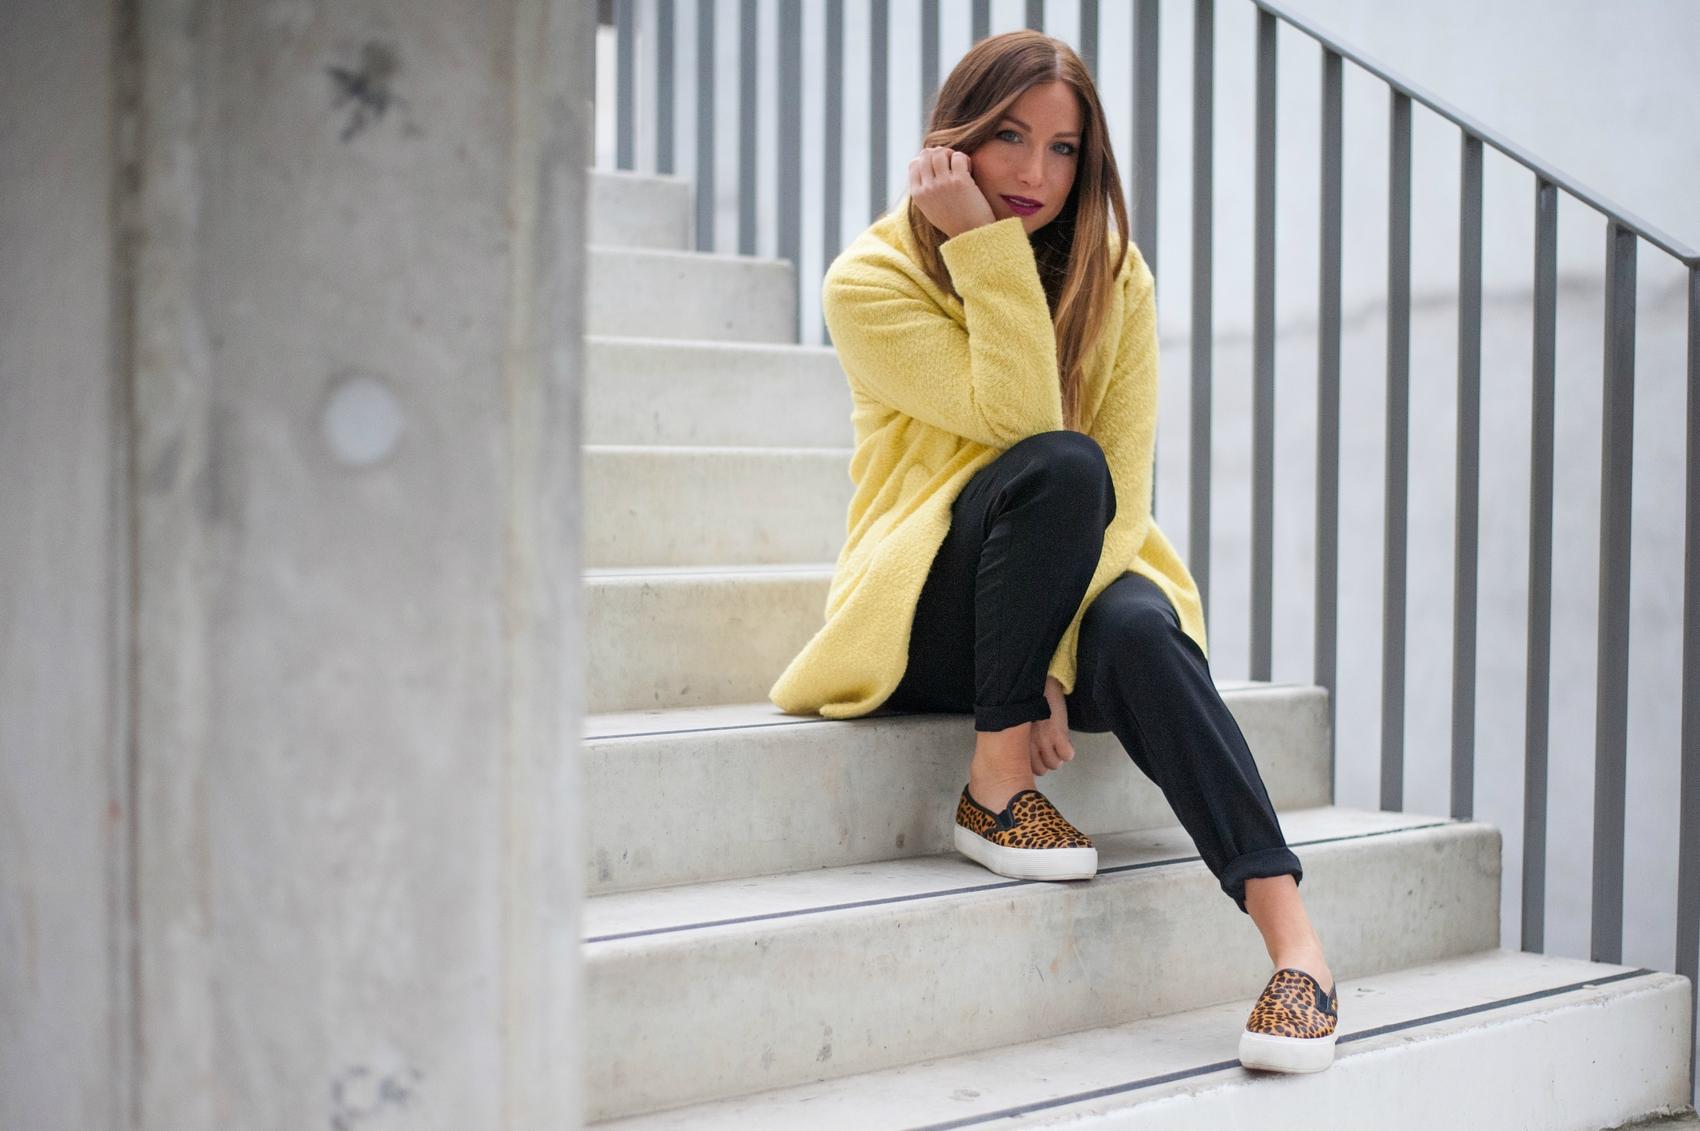 Comment porter la combinaison 2 ways to wear a jumpsuit la minute fashion - Comment faire pour se porter partie civile ...